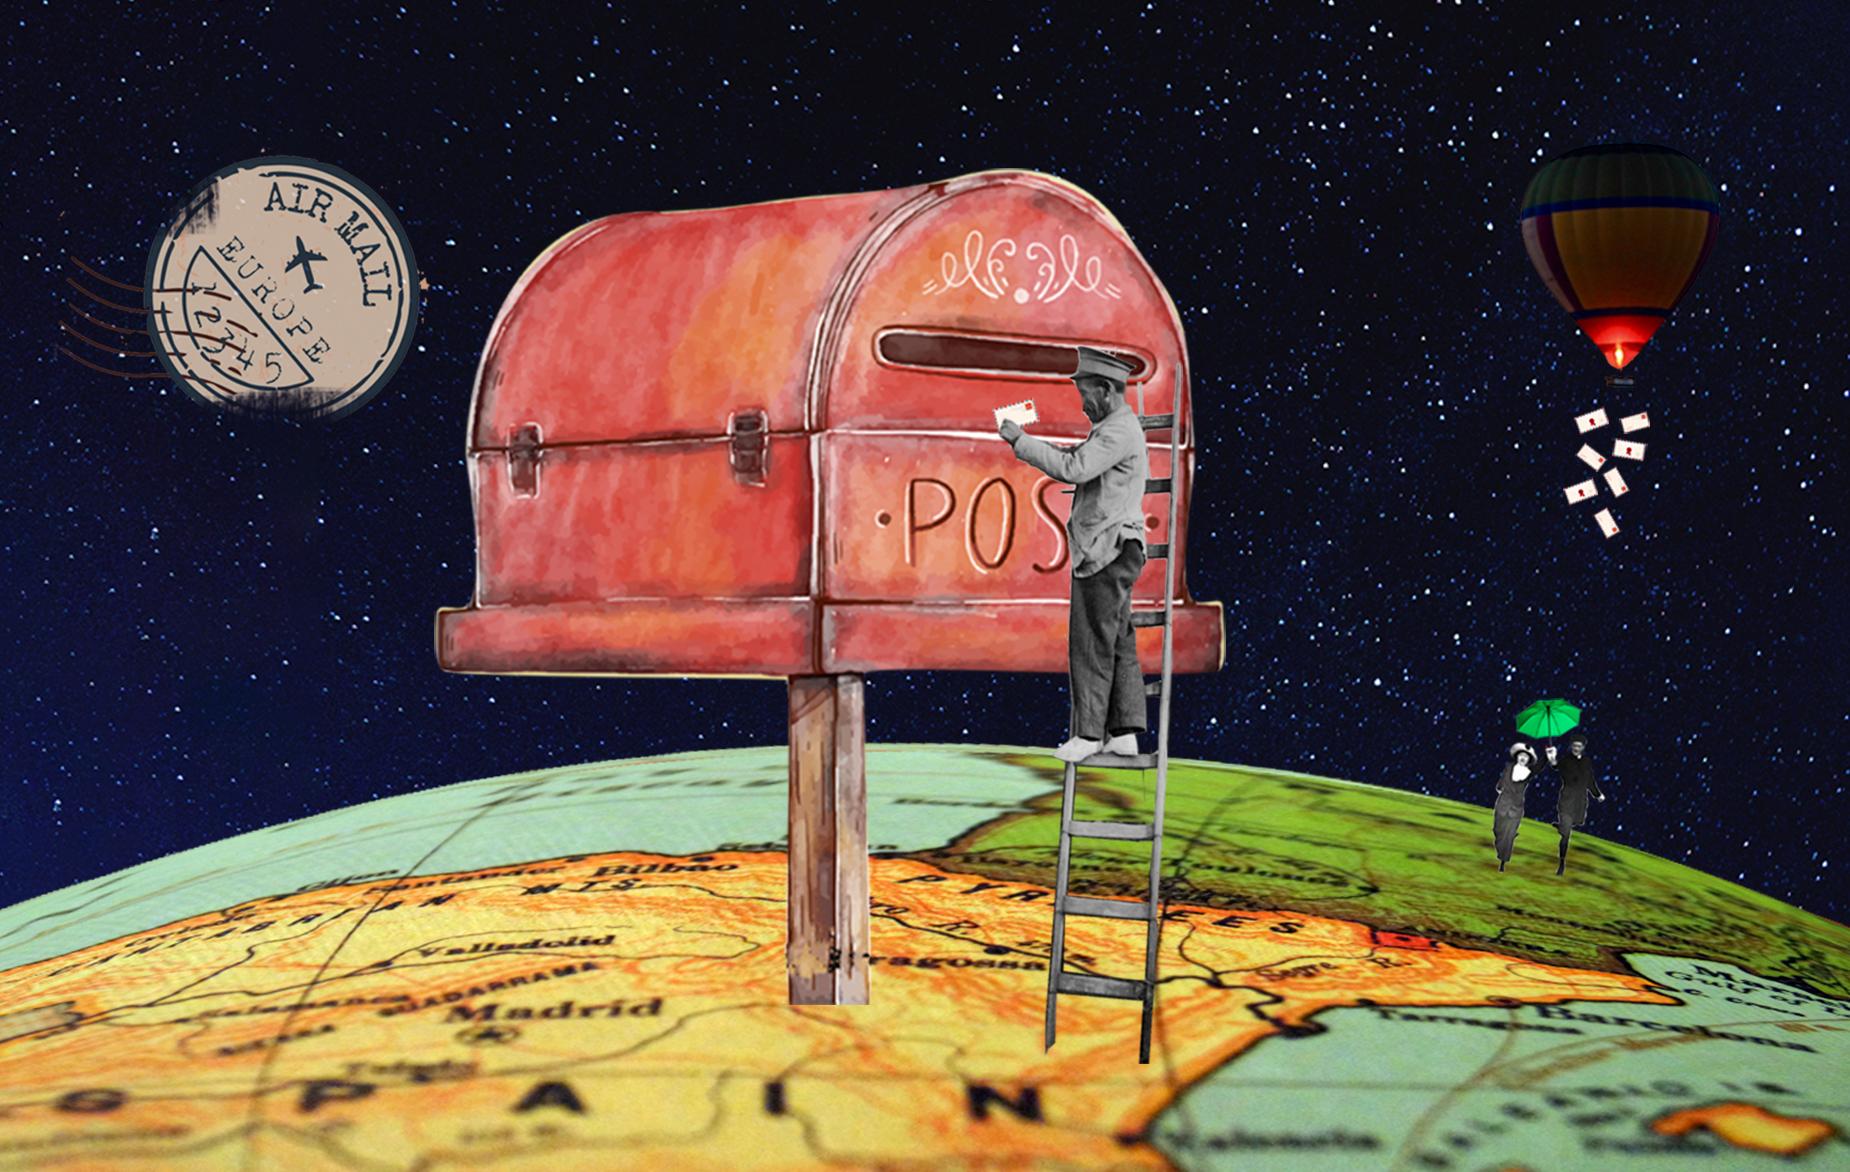 Buzón vintage gigante con hombre escalera, mapa y globo aerostático. Surrealismo. Loco Mundo Arte y Bohemia